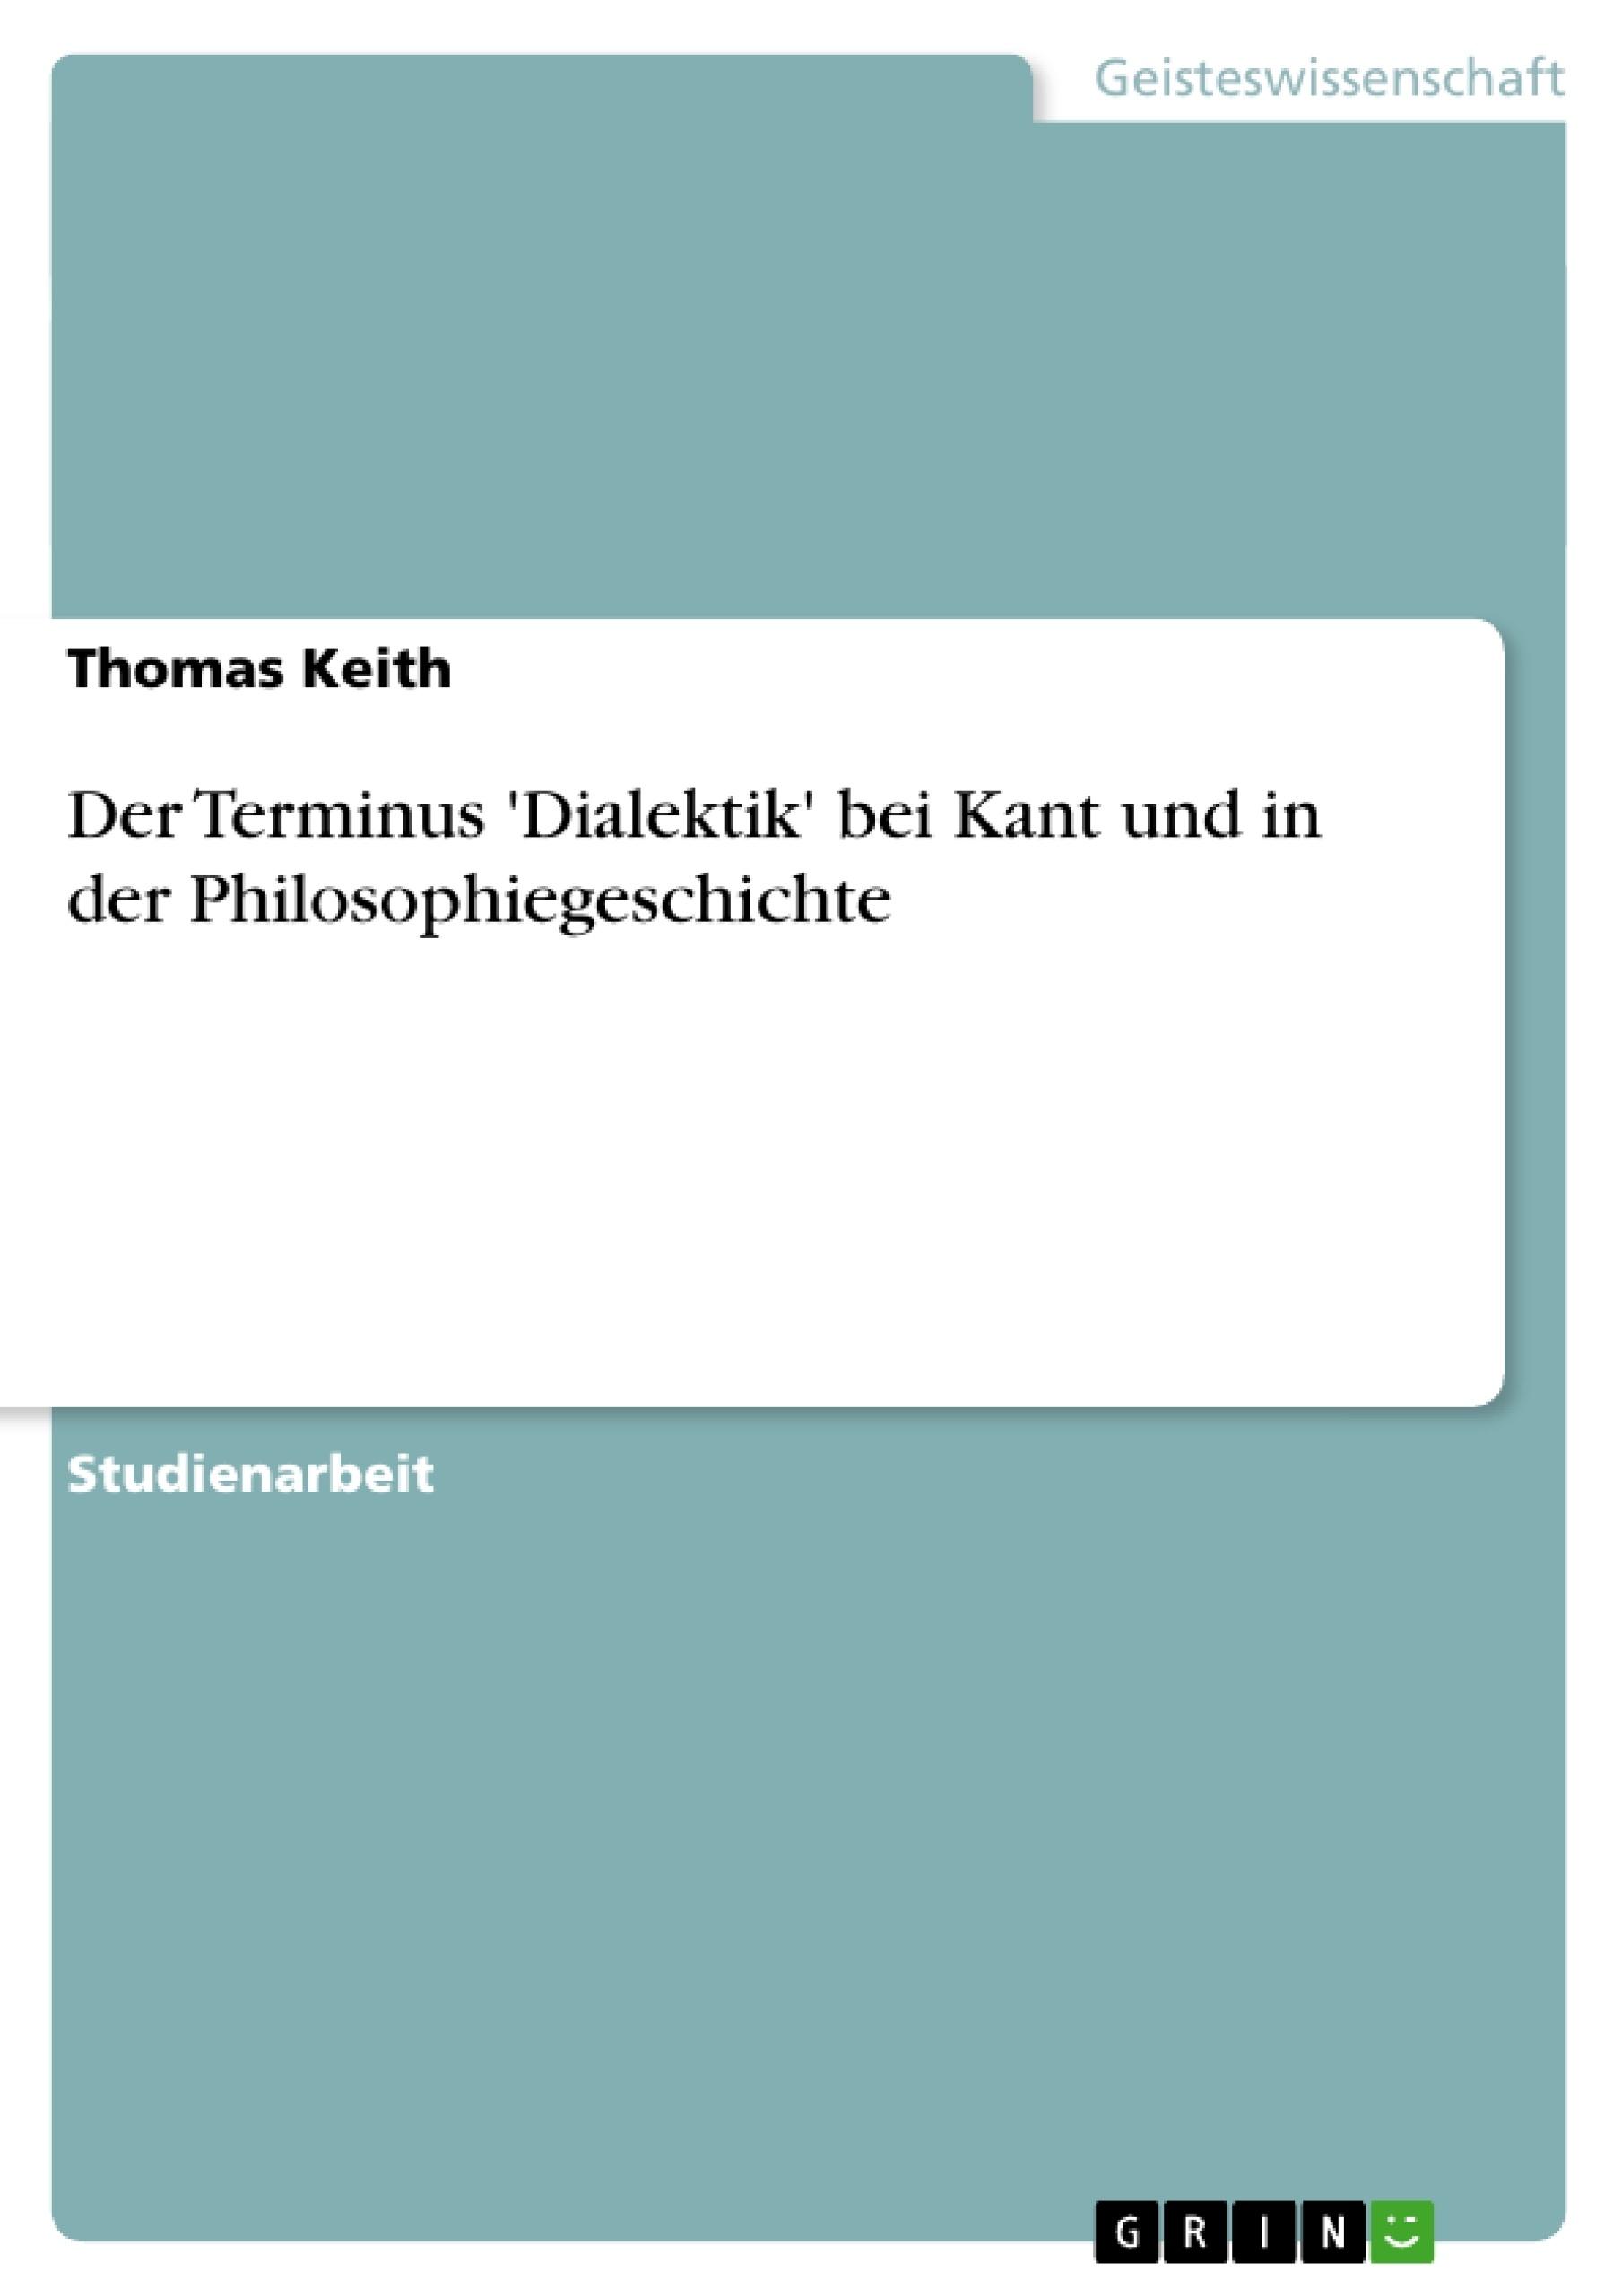 Titel: Der Terminus 'Dialektik' bei Kant und in der Philosophiegeschichte